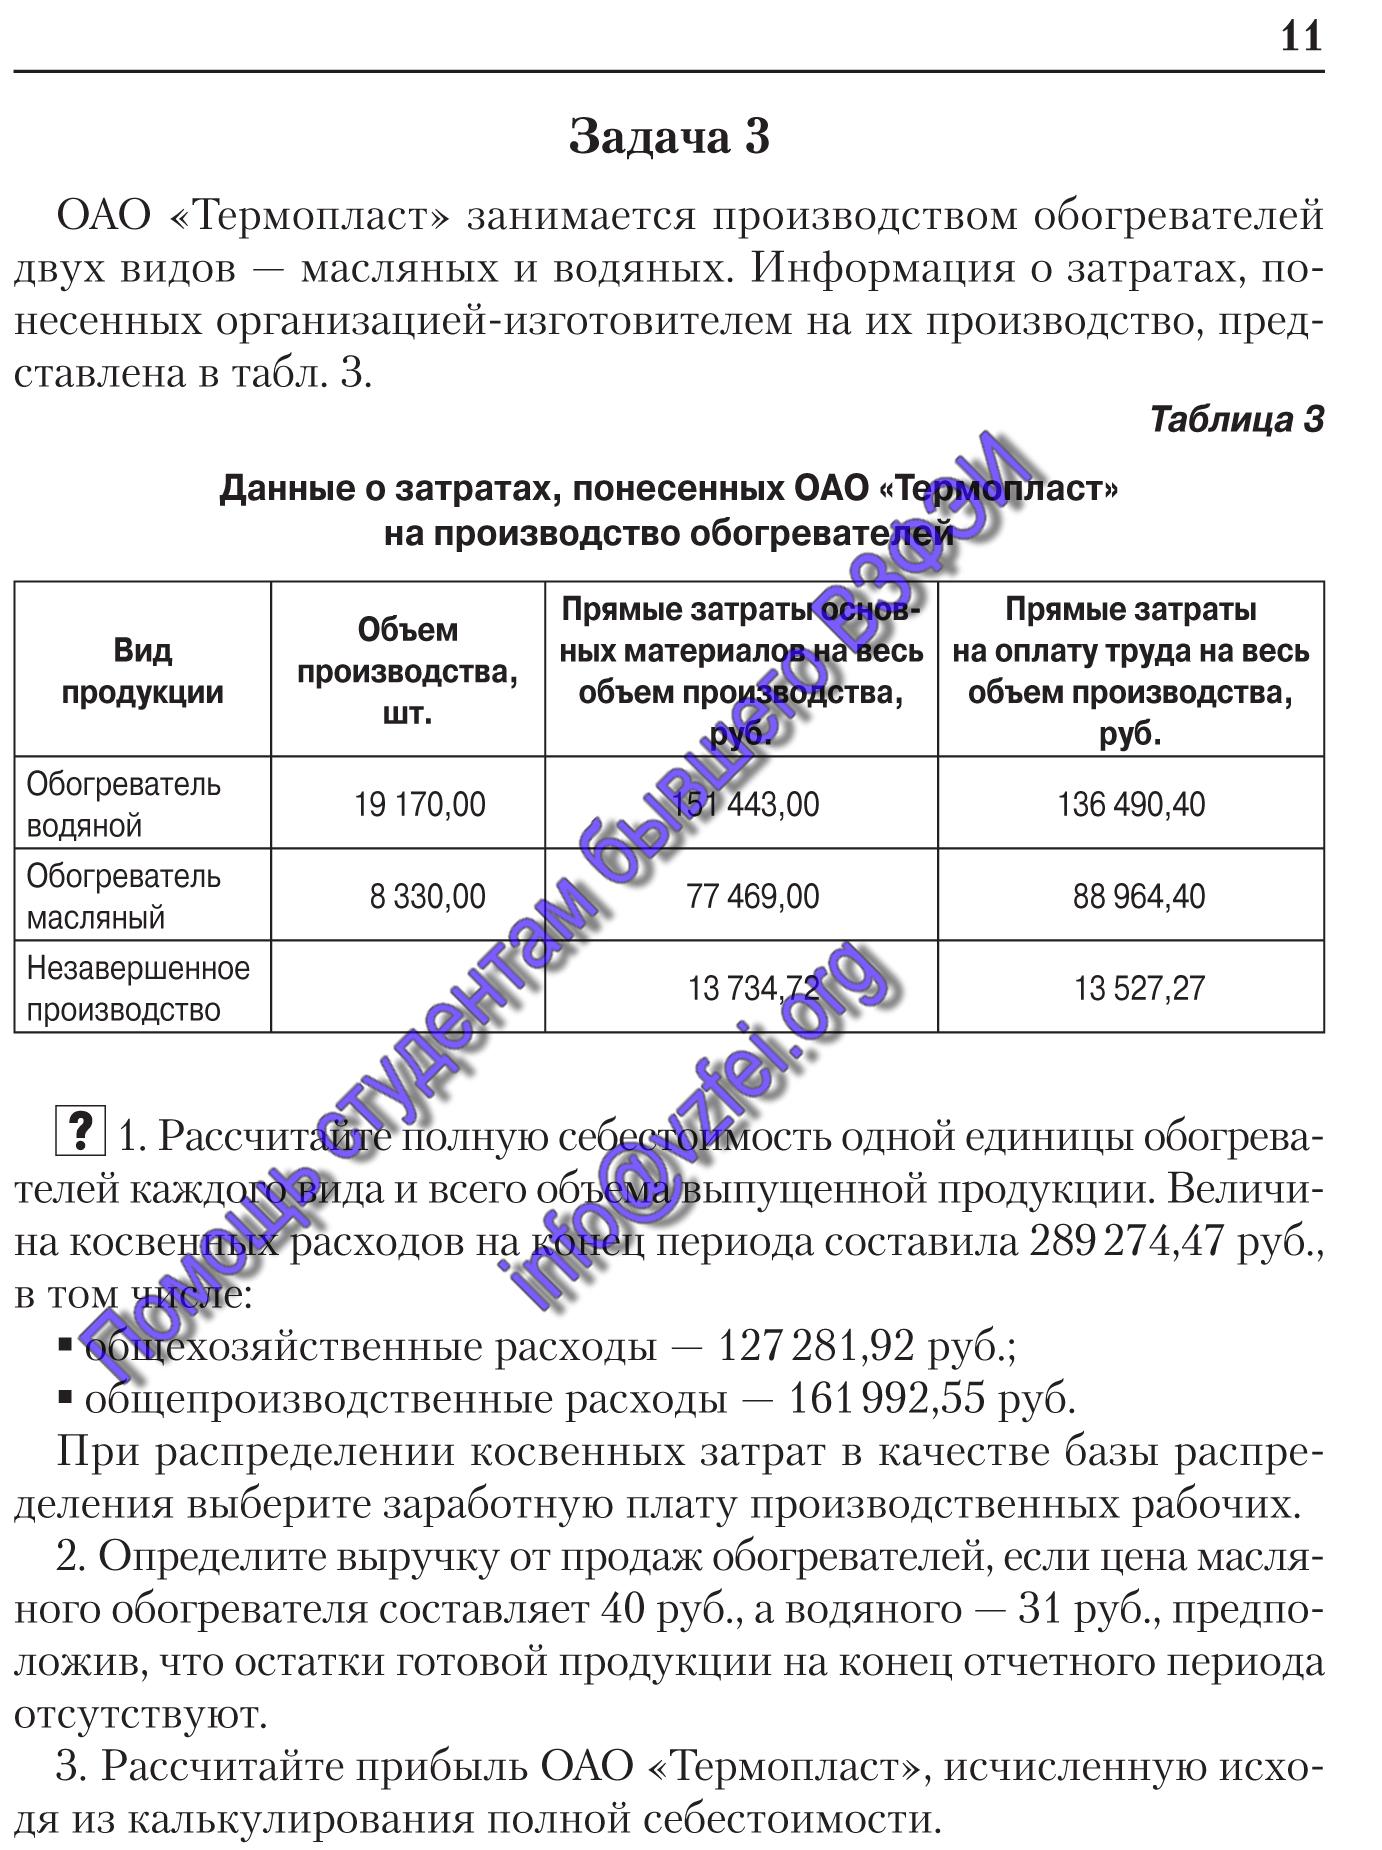 Бухгалтерский управленческий учет Курсовая работа на заказ для  Бухгалтерский управленческий учет на заказ курсовой проект